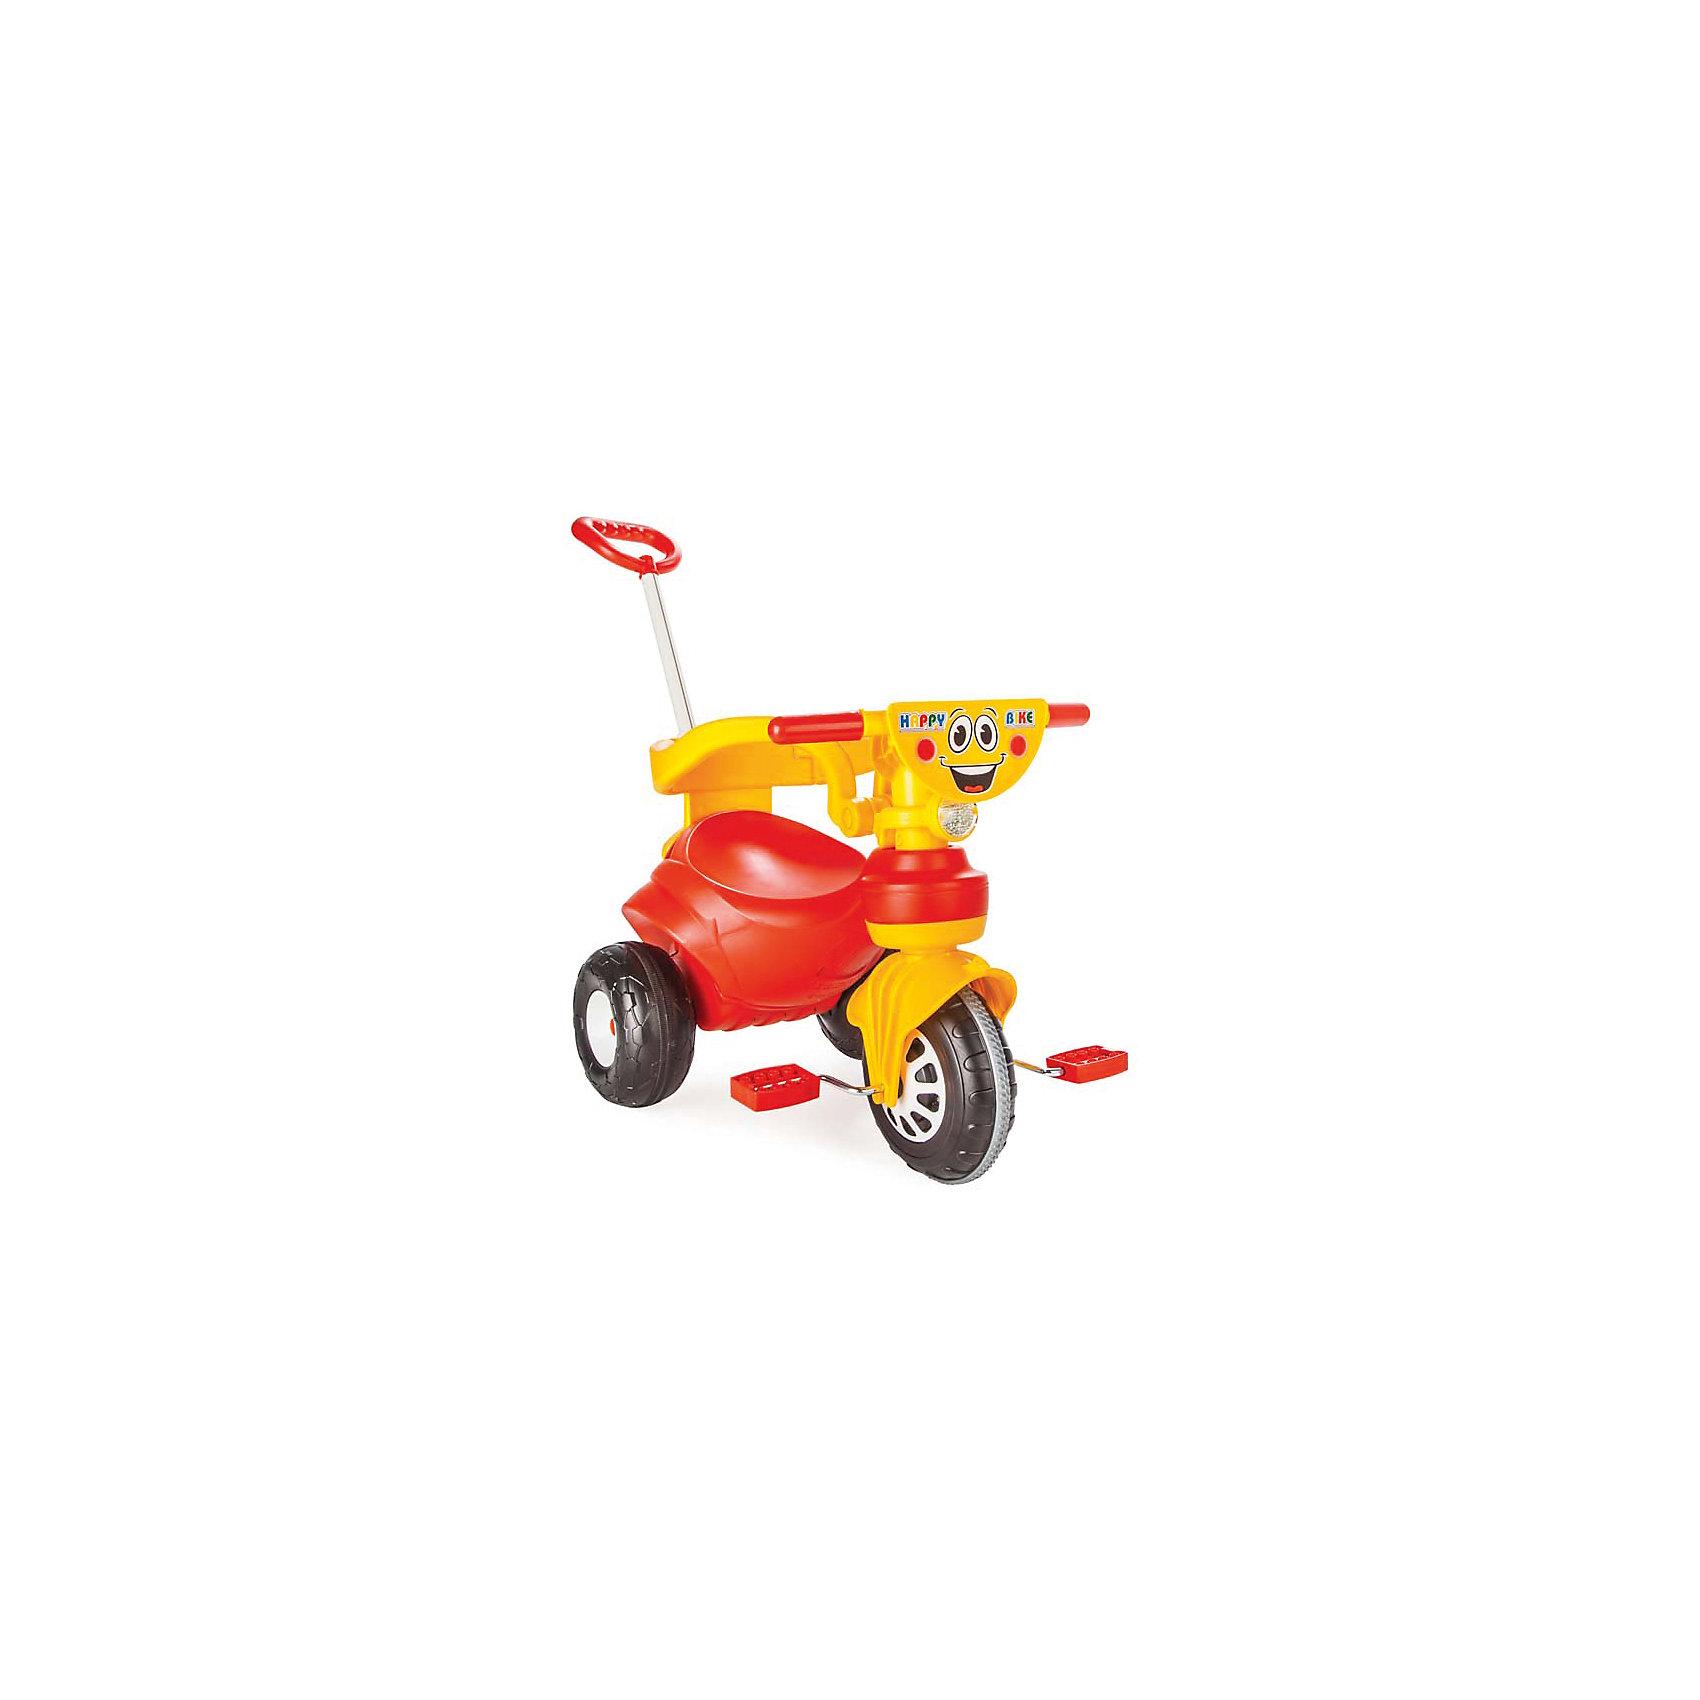 Велосипед HAPPY с ручкой управления в коробке, PILSANВелосипеды детские<br>Характеристики товара:<br><br>• цвет: красный<br>• возраст: от 2 лет<br>• эргономичная форма сиденья<br>• родительская ручка управления<br>• устойчивые колеса<br>• съемные ограничители<br>• максимальная нагрузка: 50 кг<br>• материал: пластик<br>• размер упаковки: 49х67х41 см<br>• вес: 4,57 кг<br><br>Яркий велосипед HAPPY поможет ребенку передвигаться самостоятельно или при помощи родителей. <br><br>Велосипед оснащен съемными ограничителями, препятствующими падению малыша. <br><br>Родительская ручка управления позволит вам контролировать процесс поездки. <br><br>Широкие колеса хорошо передвигаются по дороге. <br><br>Красочный эргономичный дизайн придется по вкусу вашему малышу! <br><br>Способствует развитию координации и опорно-двигательного аппарата. <br><br>Велосипед HAPPY с ручкой управления в коробке, PILSAN (Пилсан) можно купить в нашем интернет-магазине.<br><br>Ширина мм: 410<br>Глубина мм: 670<br>Высота мм: 490<br>Вес г: 4570<br>Возраст от месяцев: 36<br>Возраст до месяцев: 84<br>Пол: Унисекс<br>Возраст: Детский<br>SKU: 5512056